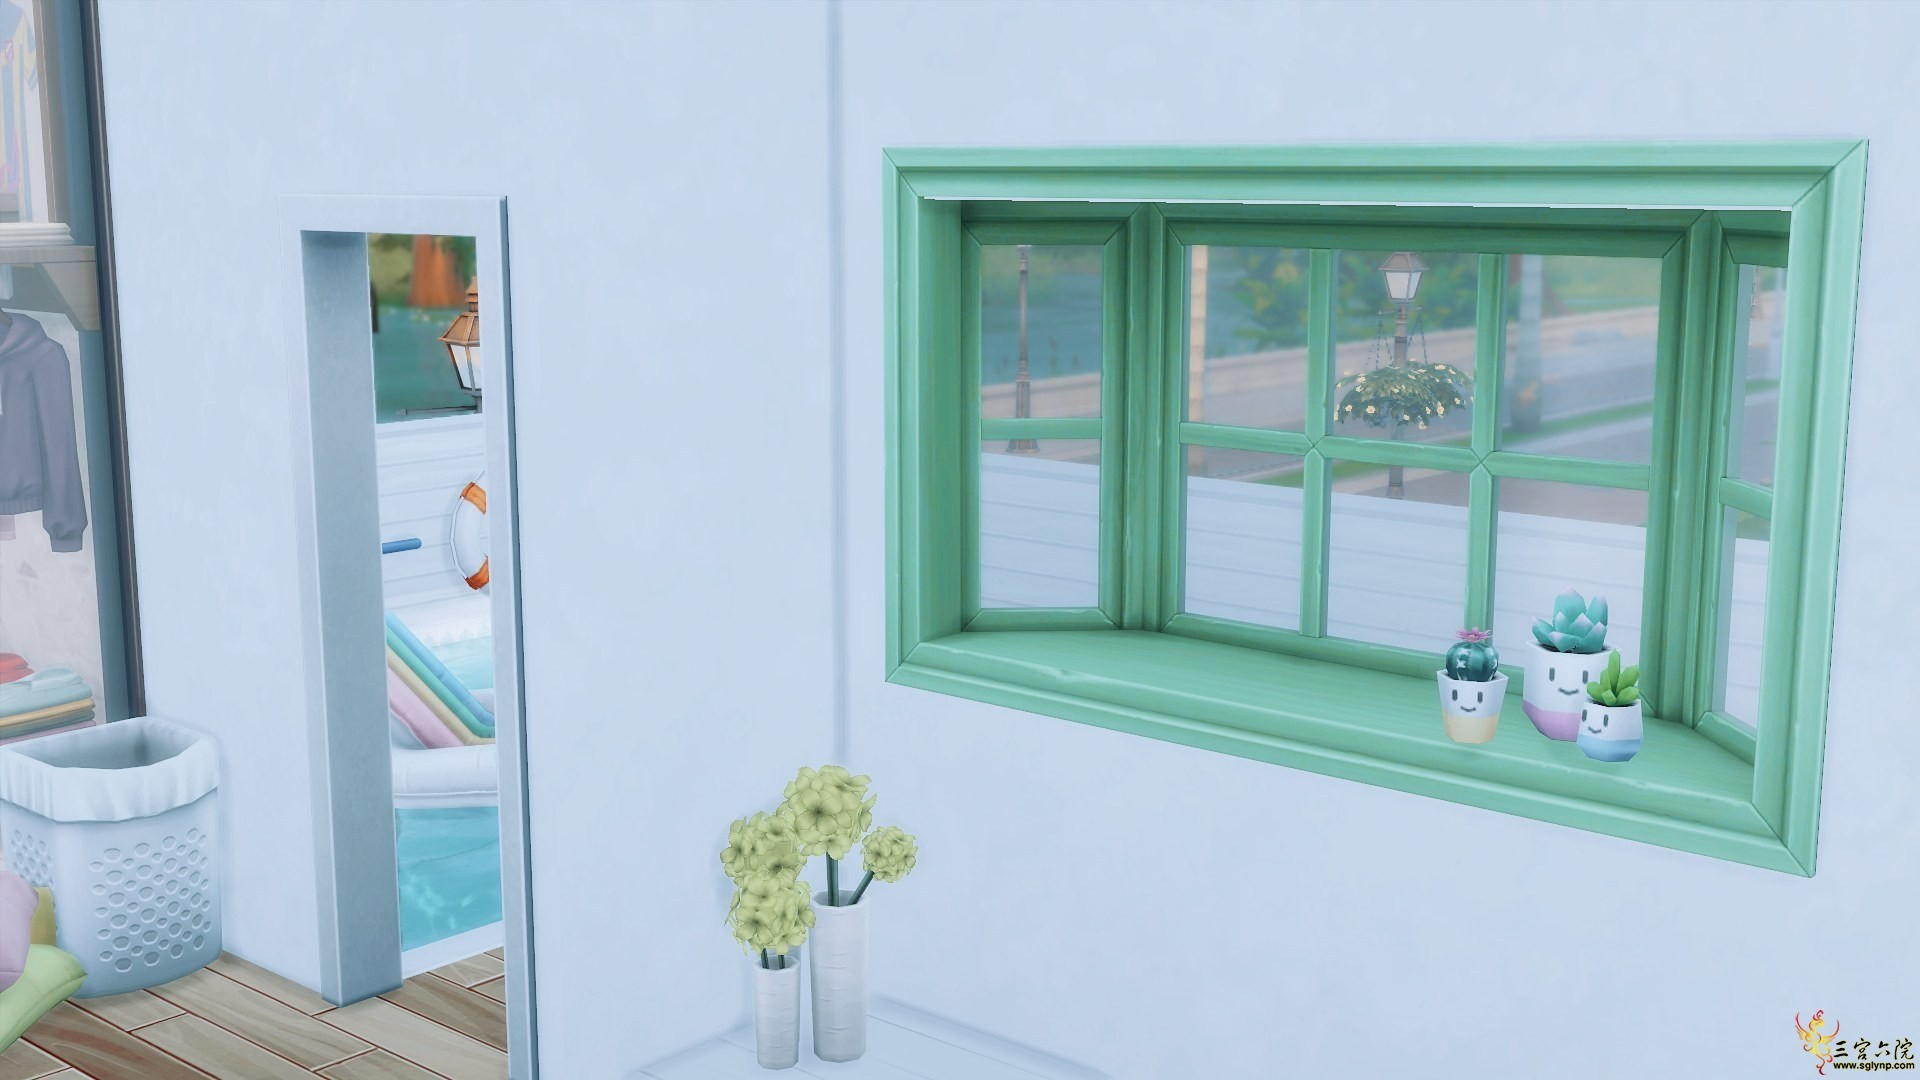 二楼窗户细节.png